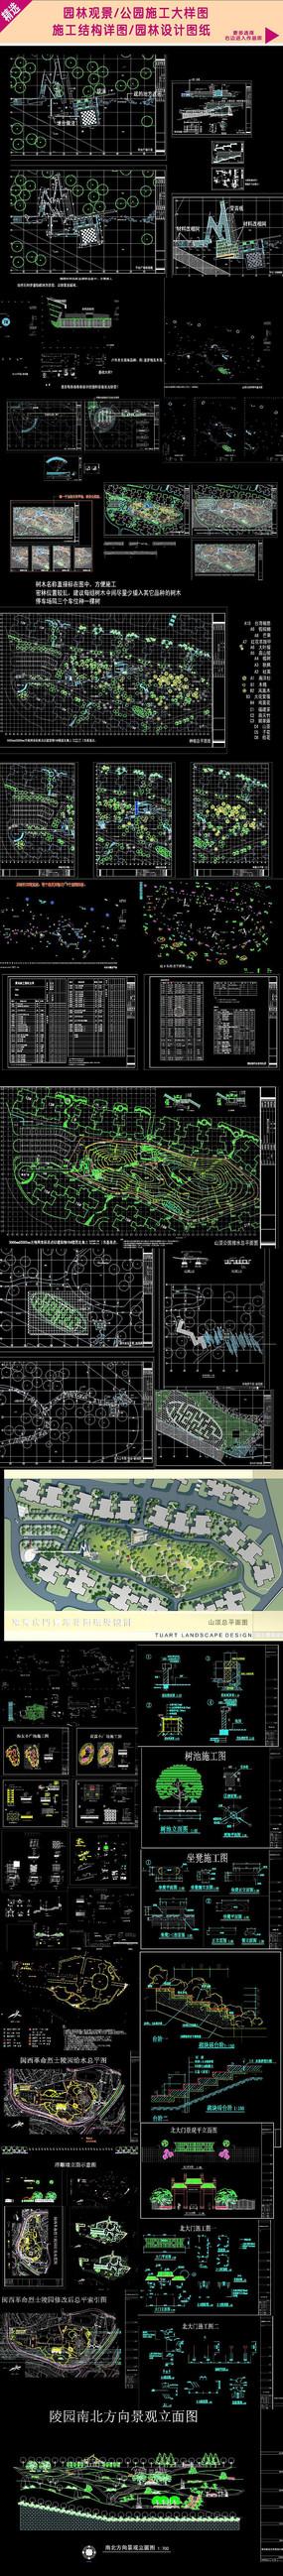 公园园林绿化施工图